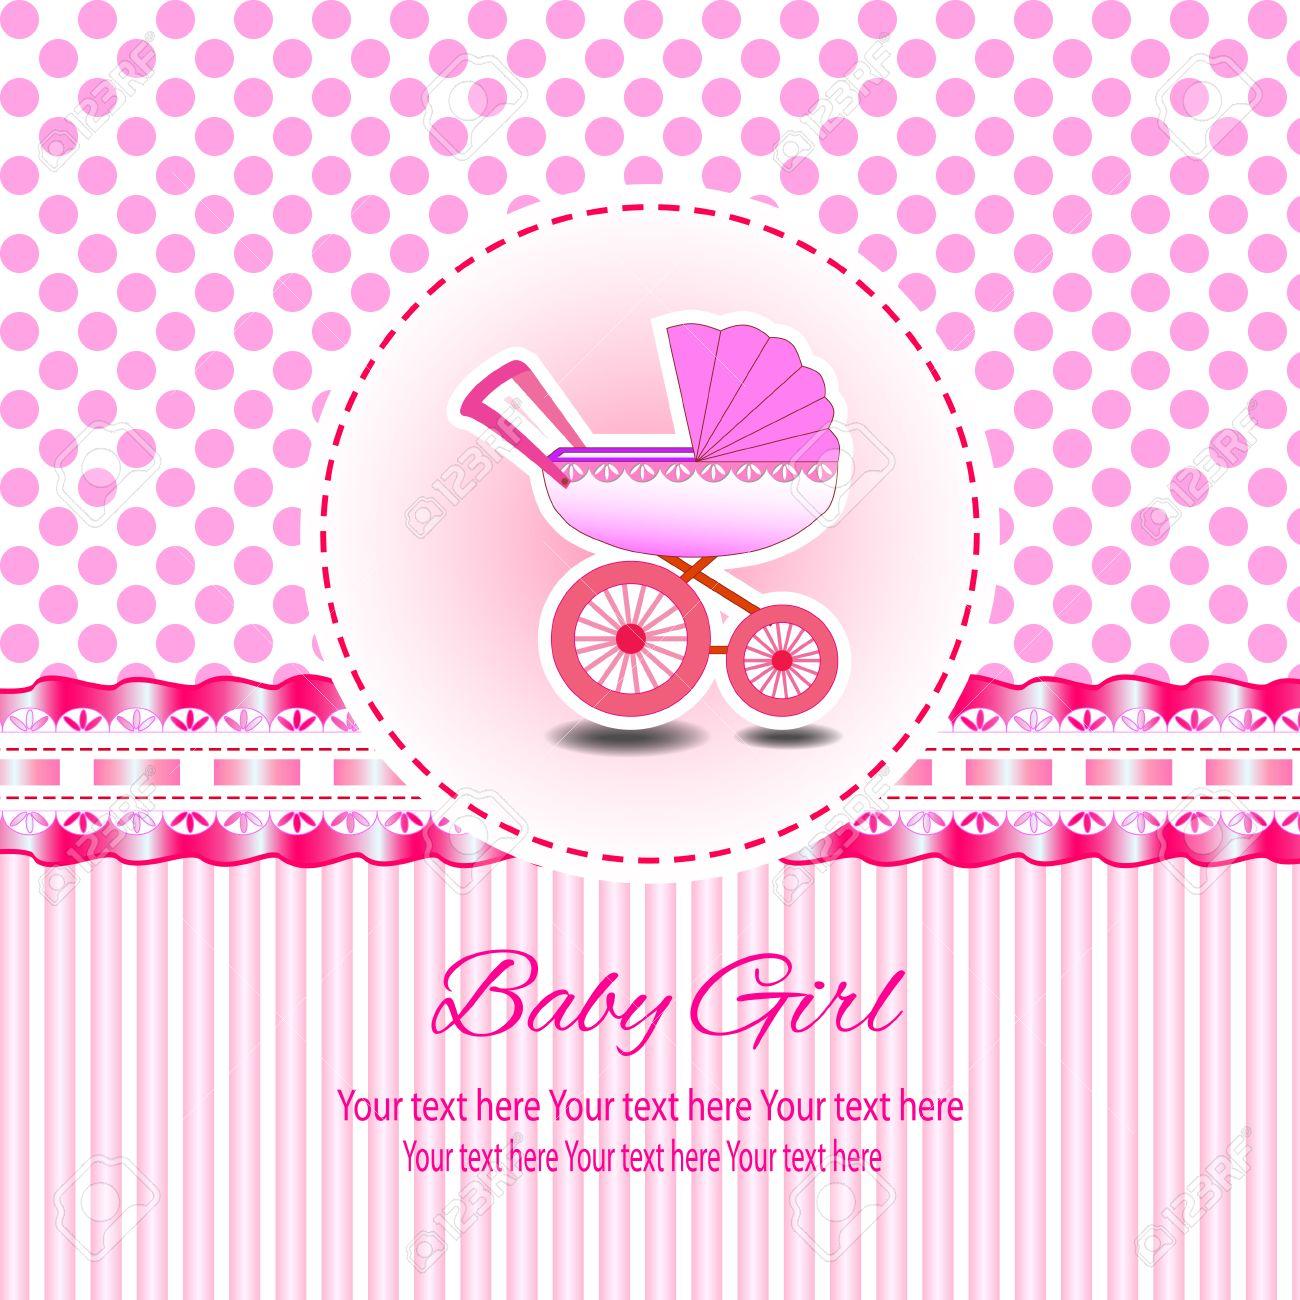 Baby Schöne Mädchen Karte Mit Ihrem Text Für Einladung, Gruß, Frame,